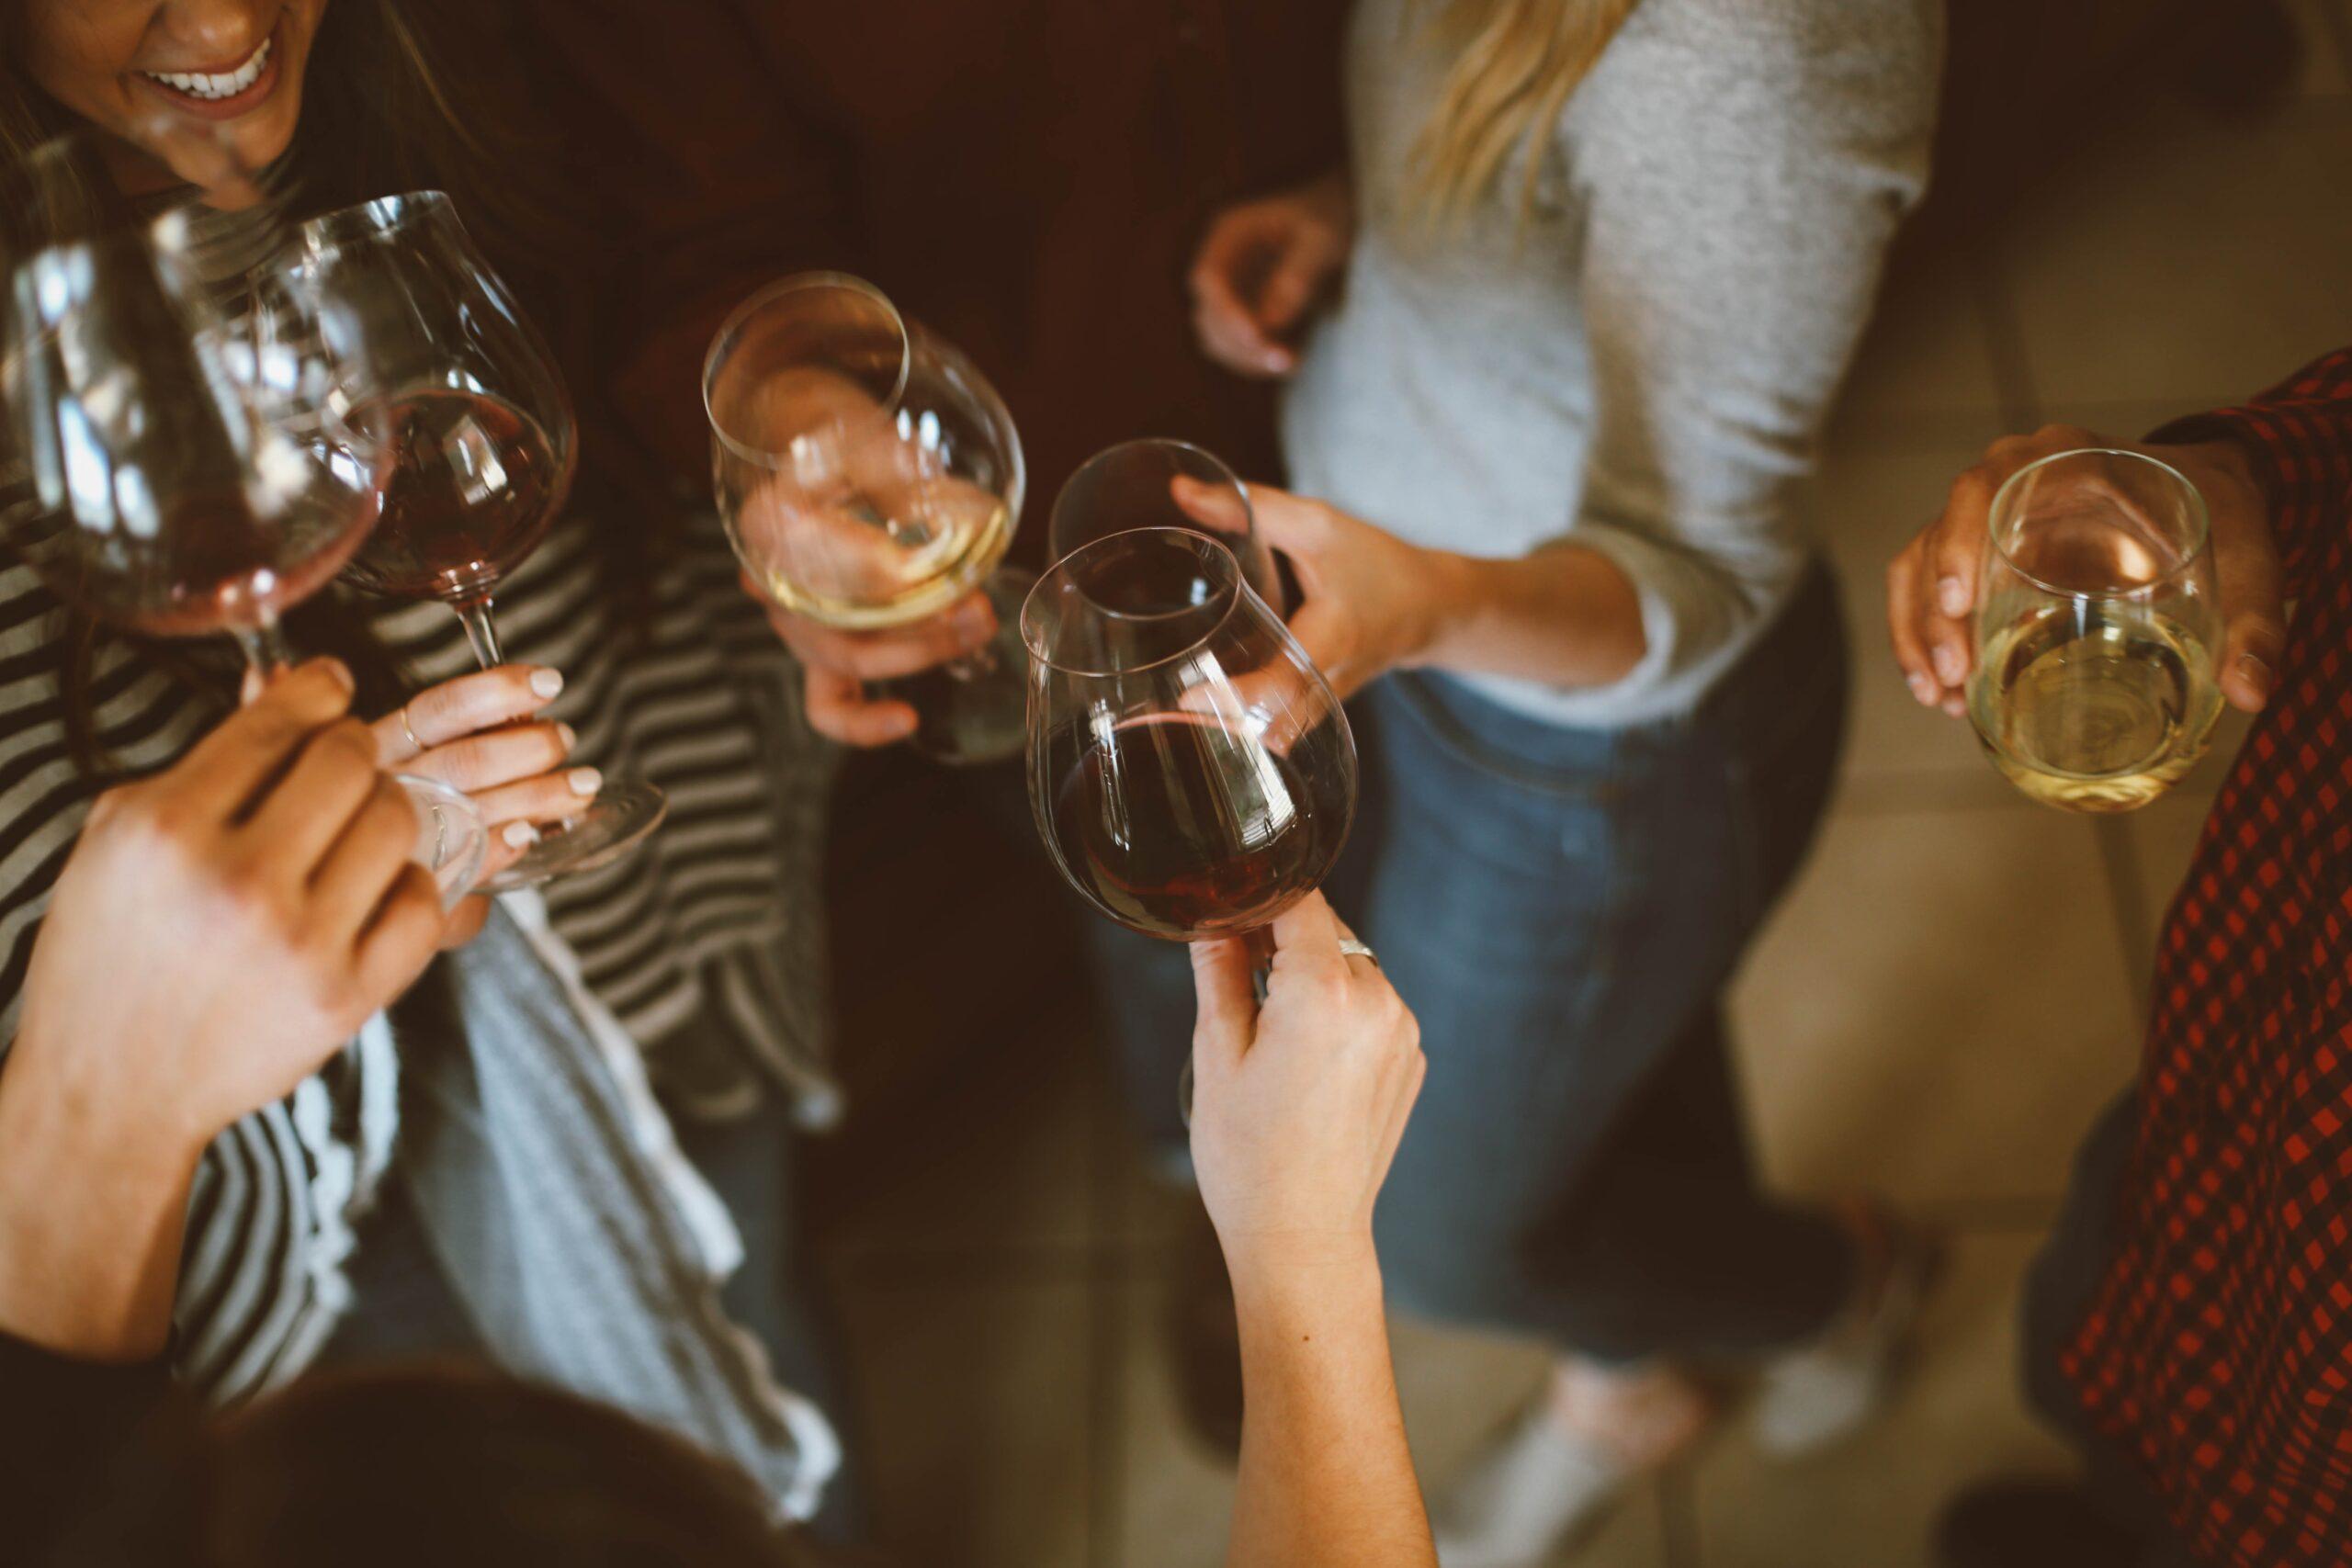 ワインを乾杯する男女の画像